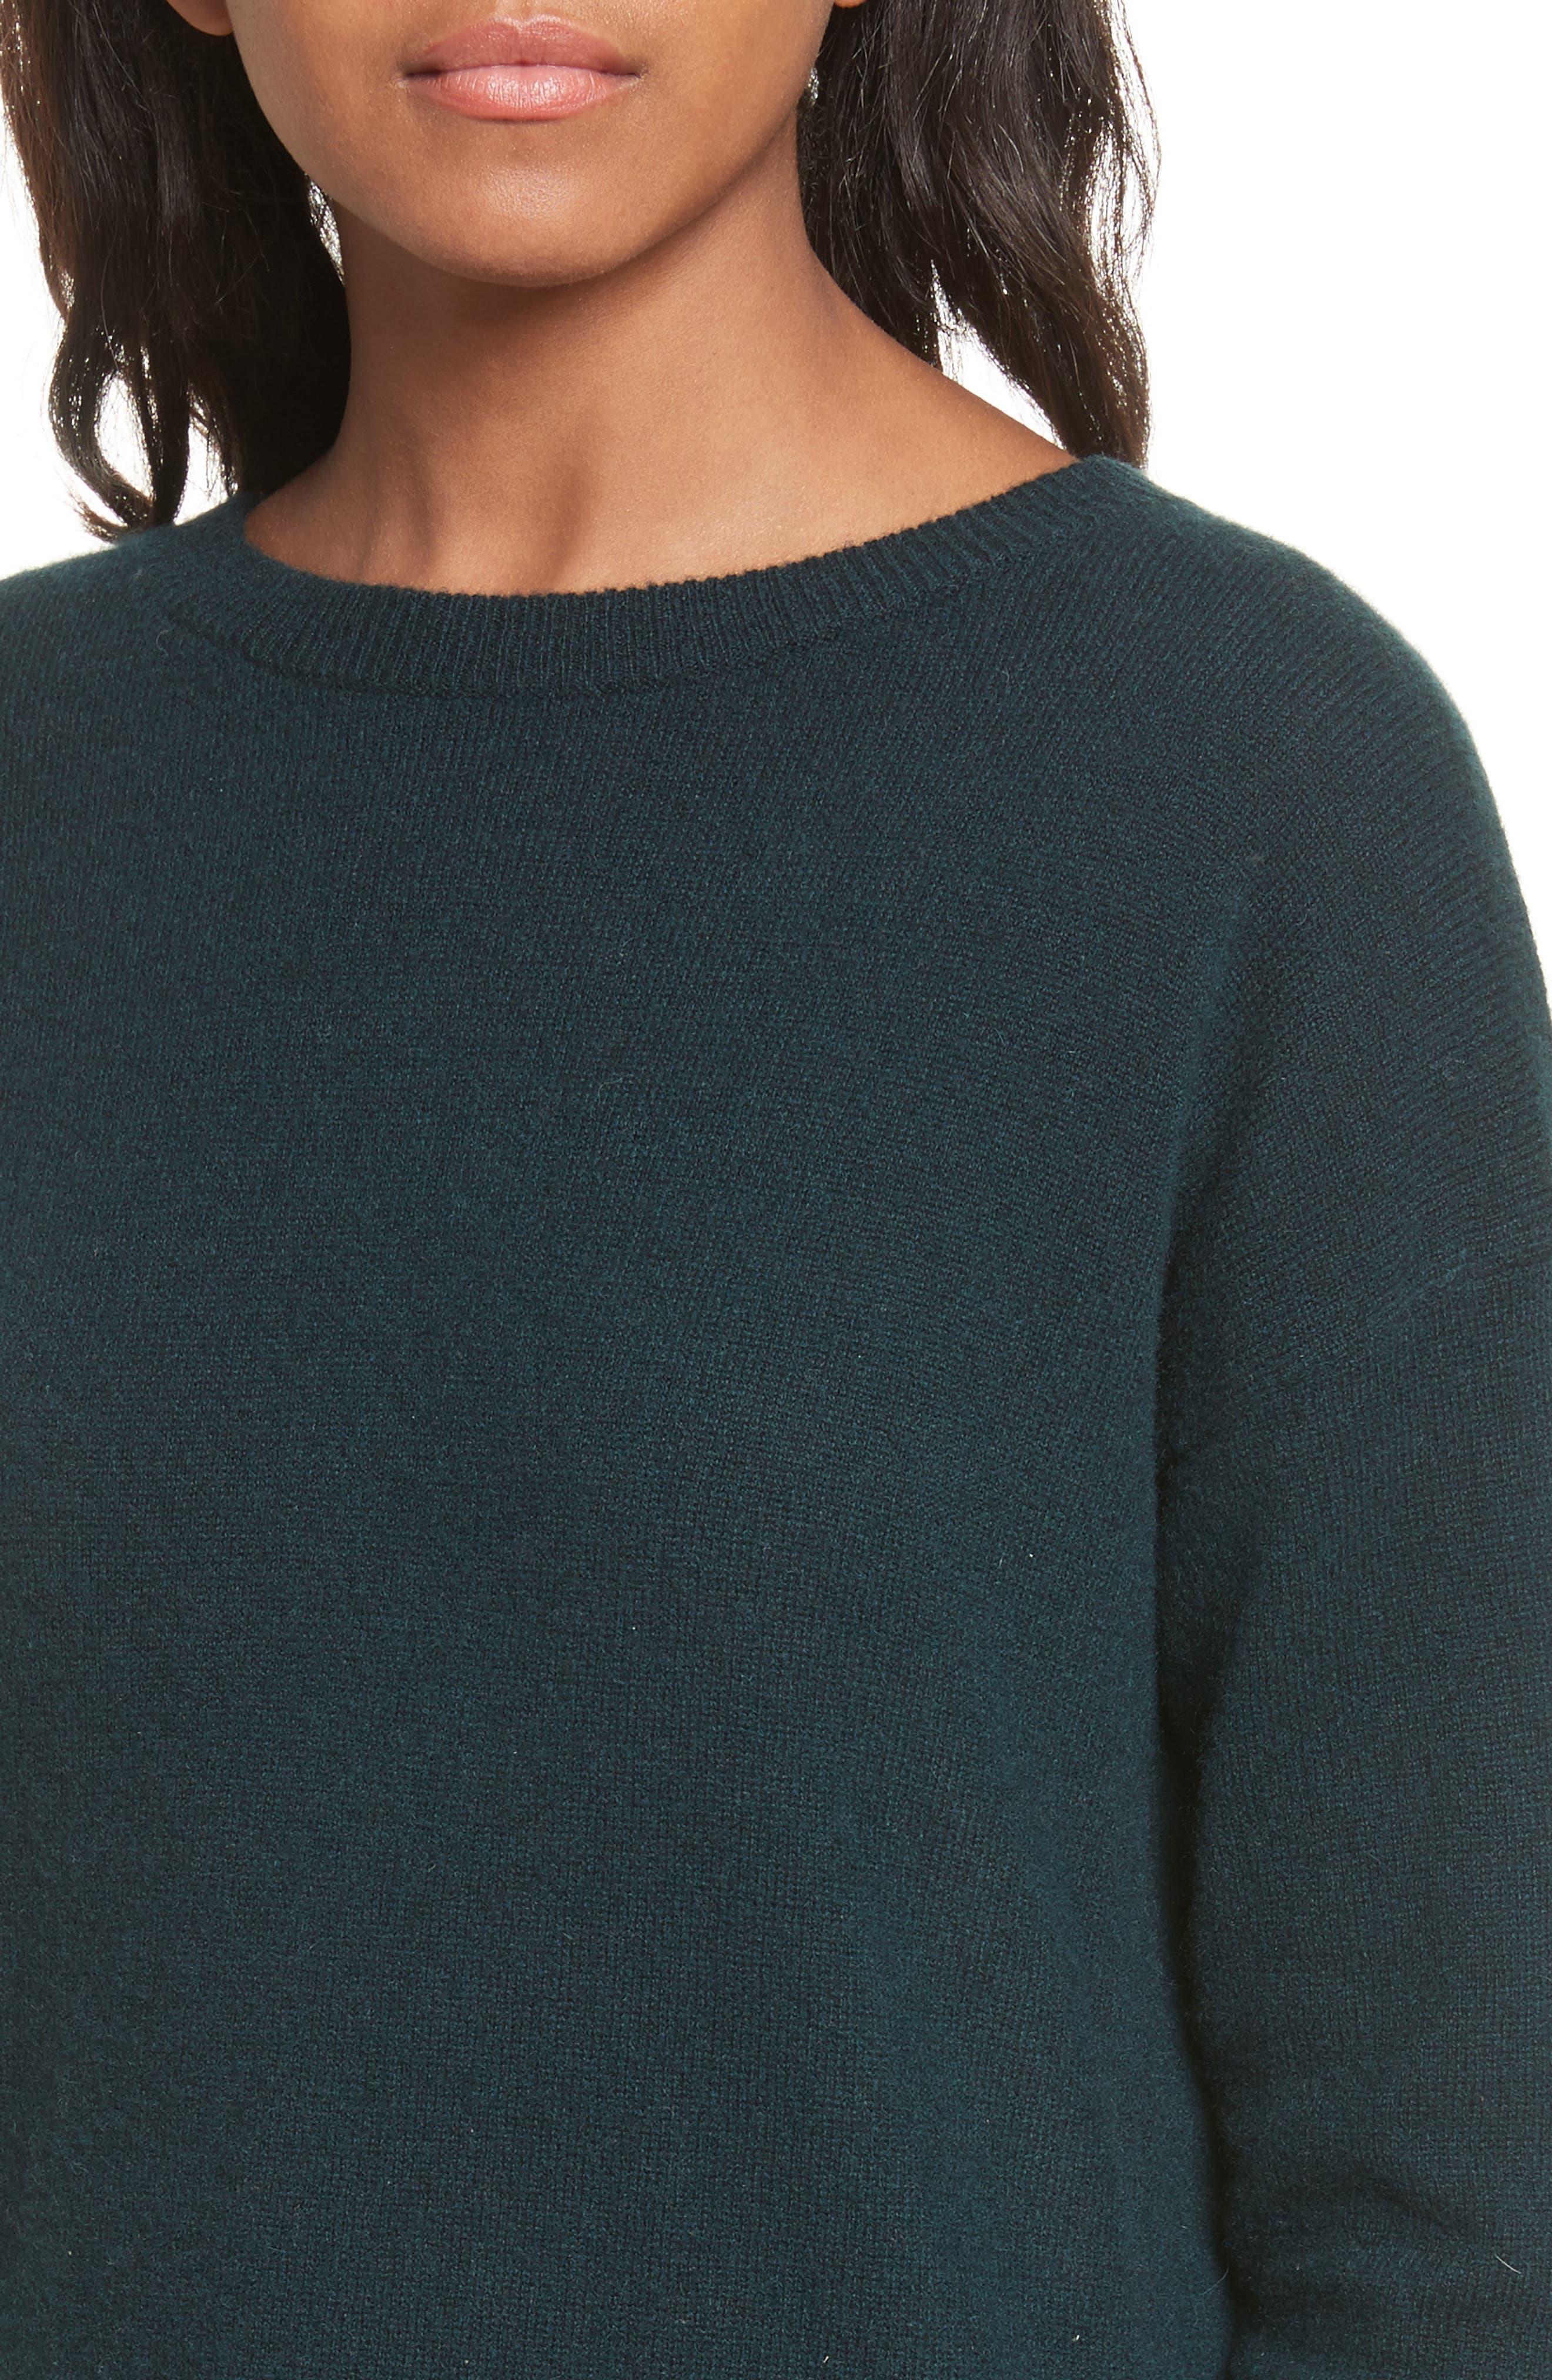 Velvet Tie Cashmere Sweater,                             Alternate thumbnail 4, color,                             Juniper